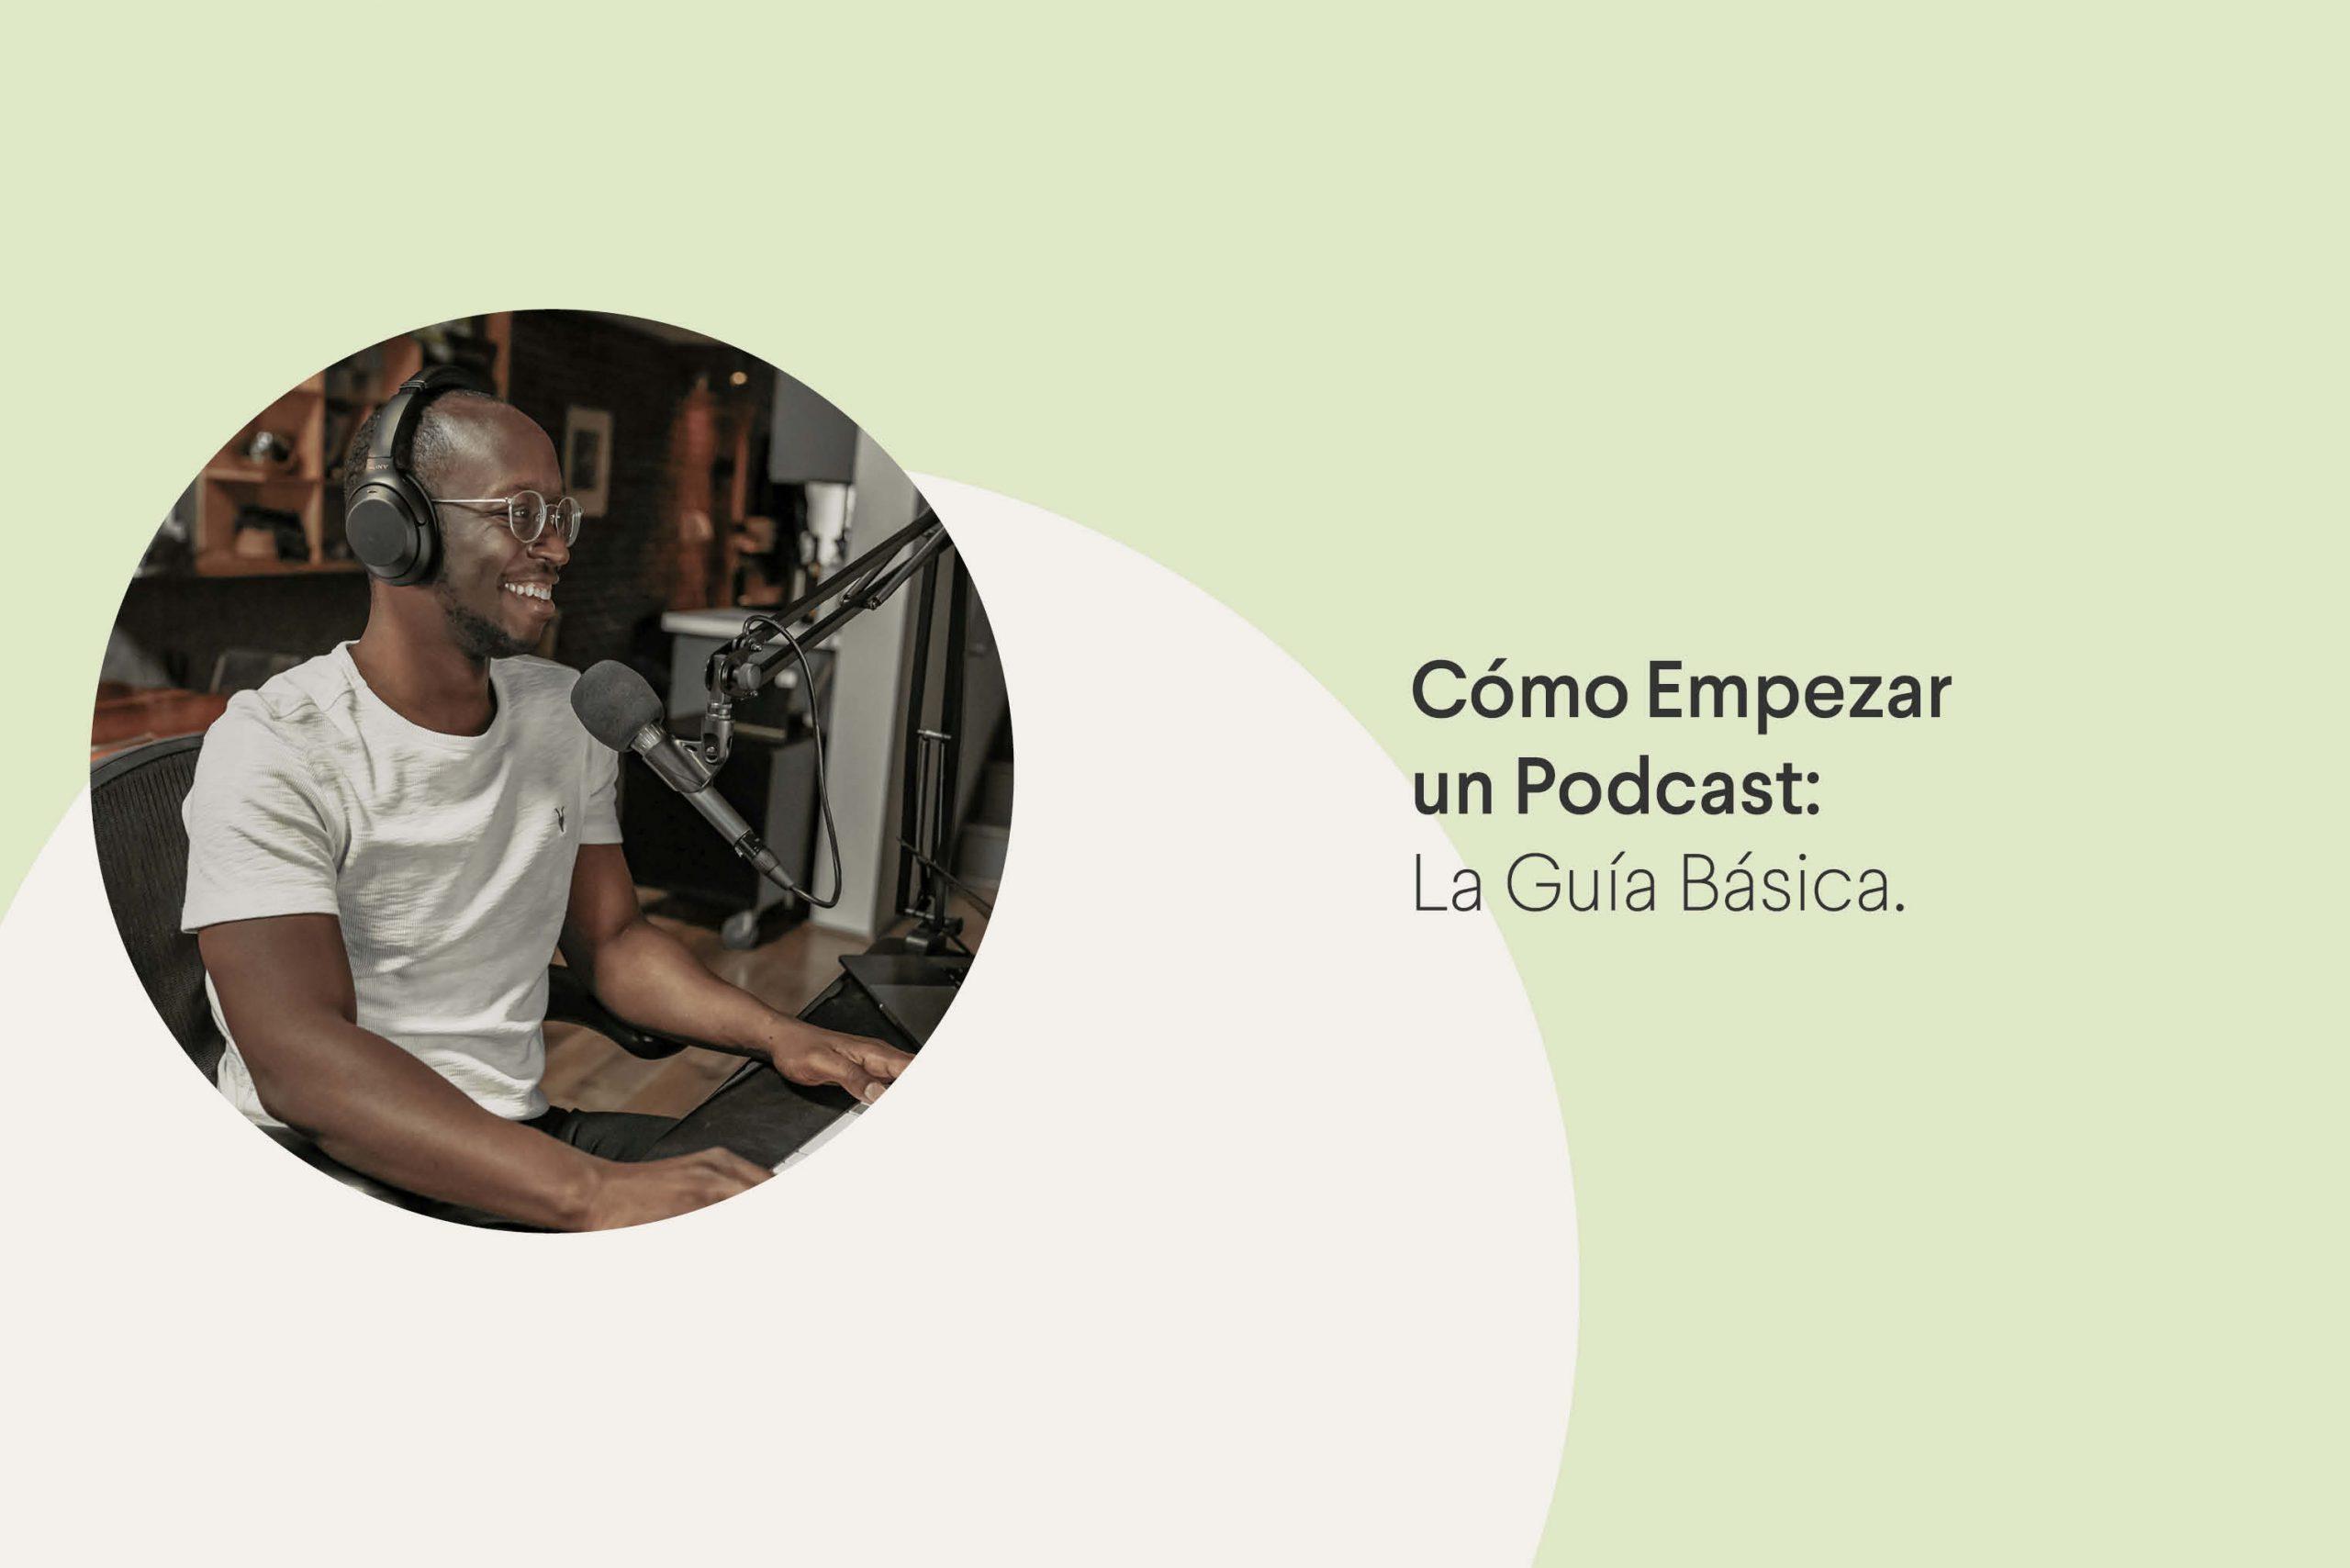 Guía básica para empezar un podcast